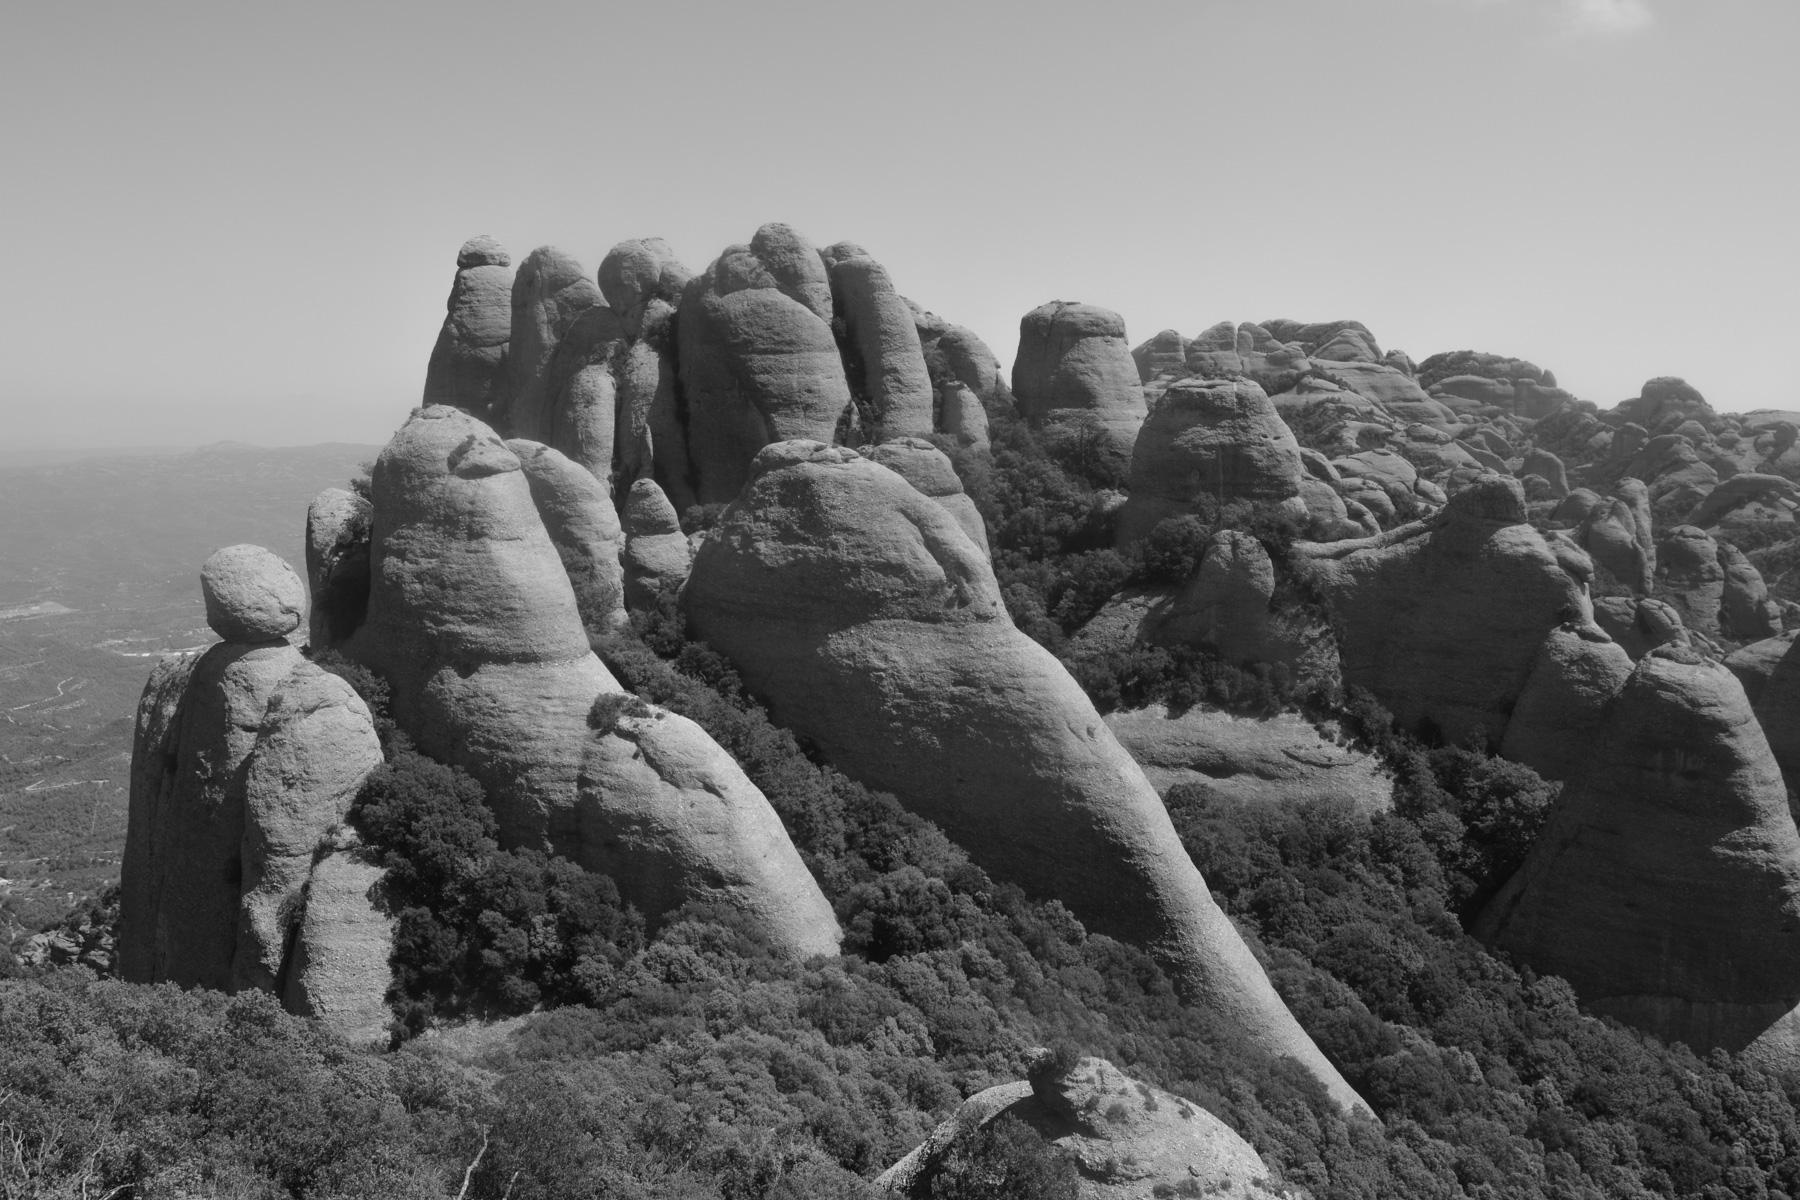 Travessa Agulles i Frares Encantats, Montserrat 22